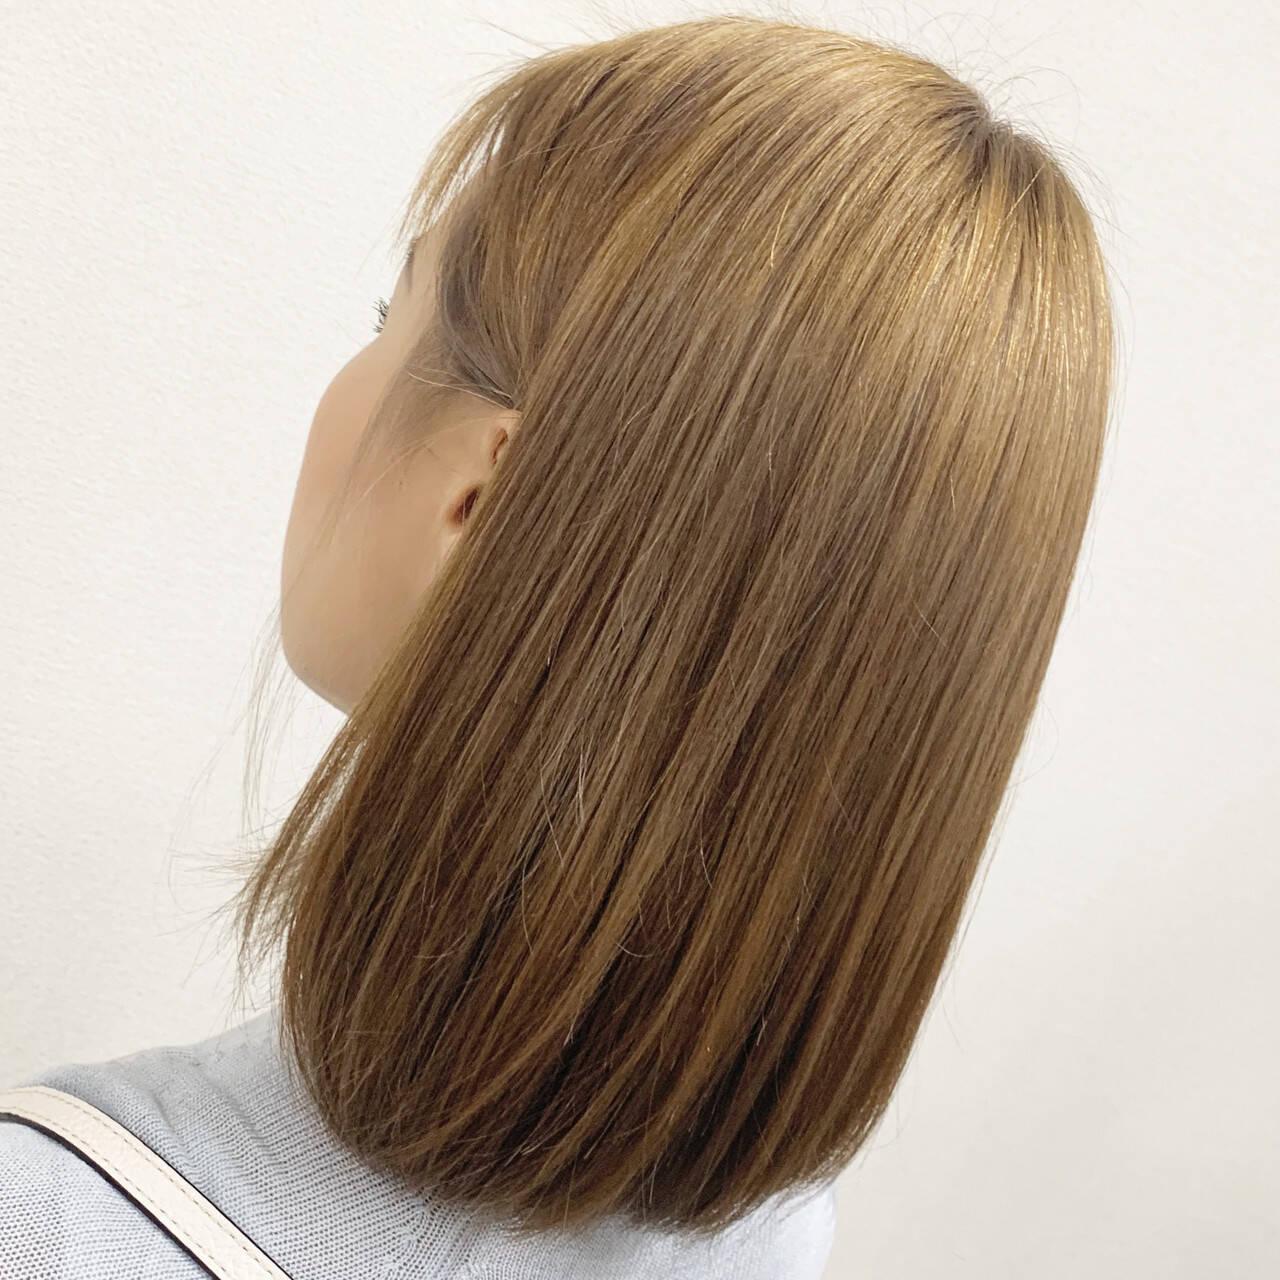 ブリーチ ミディアム フェミニン ベージュヘアスタイルや髪型の写真・画像